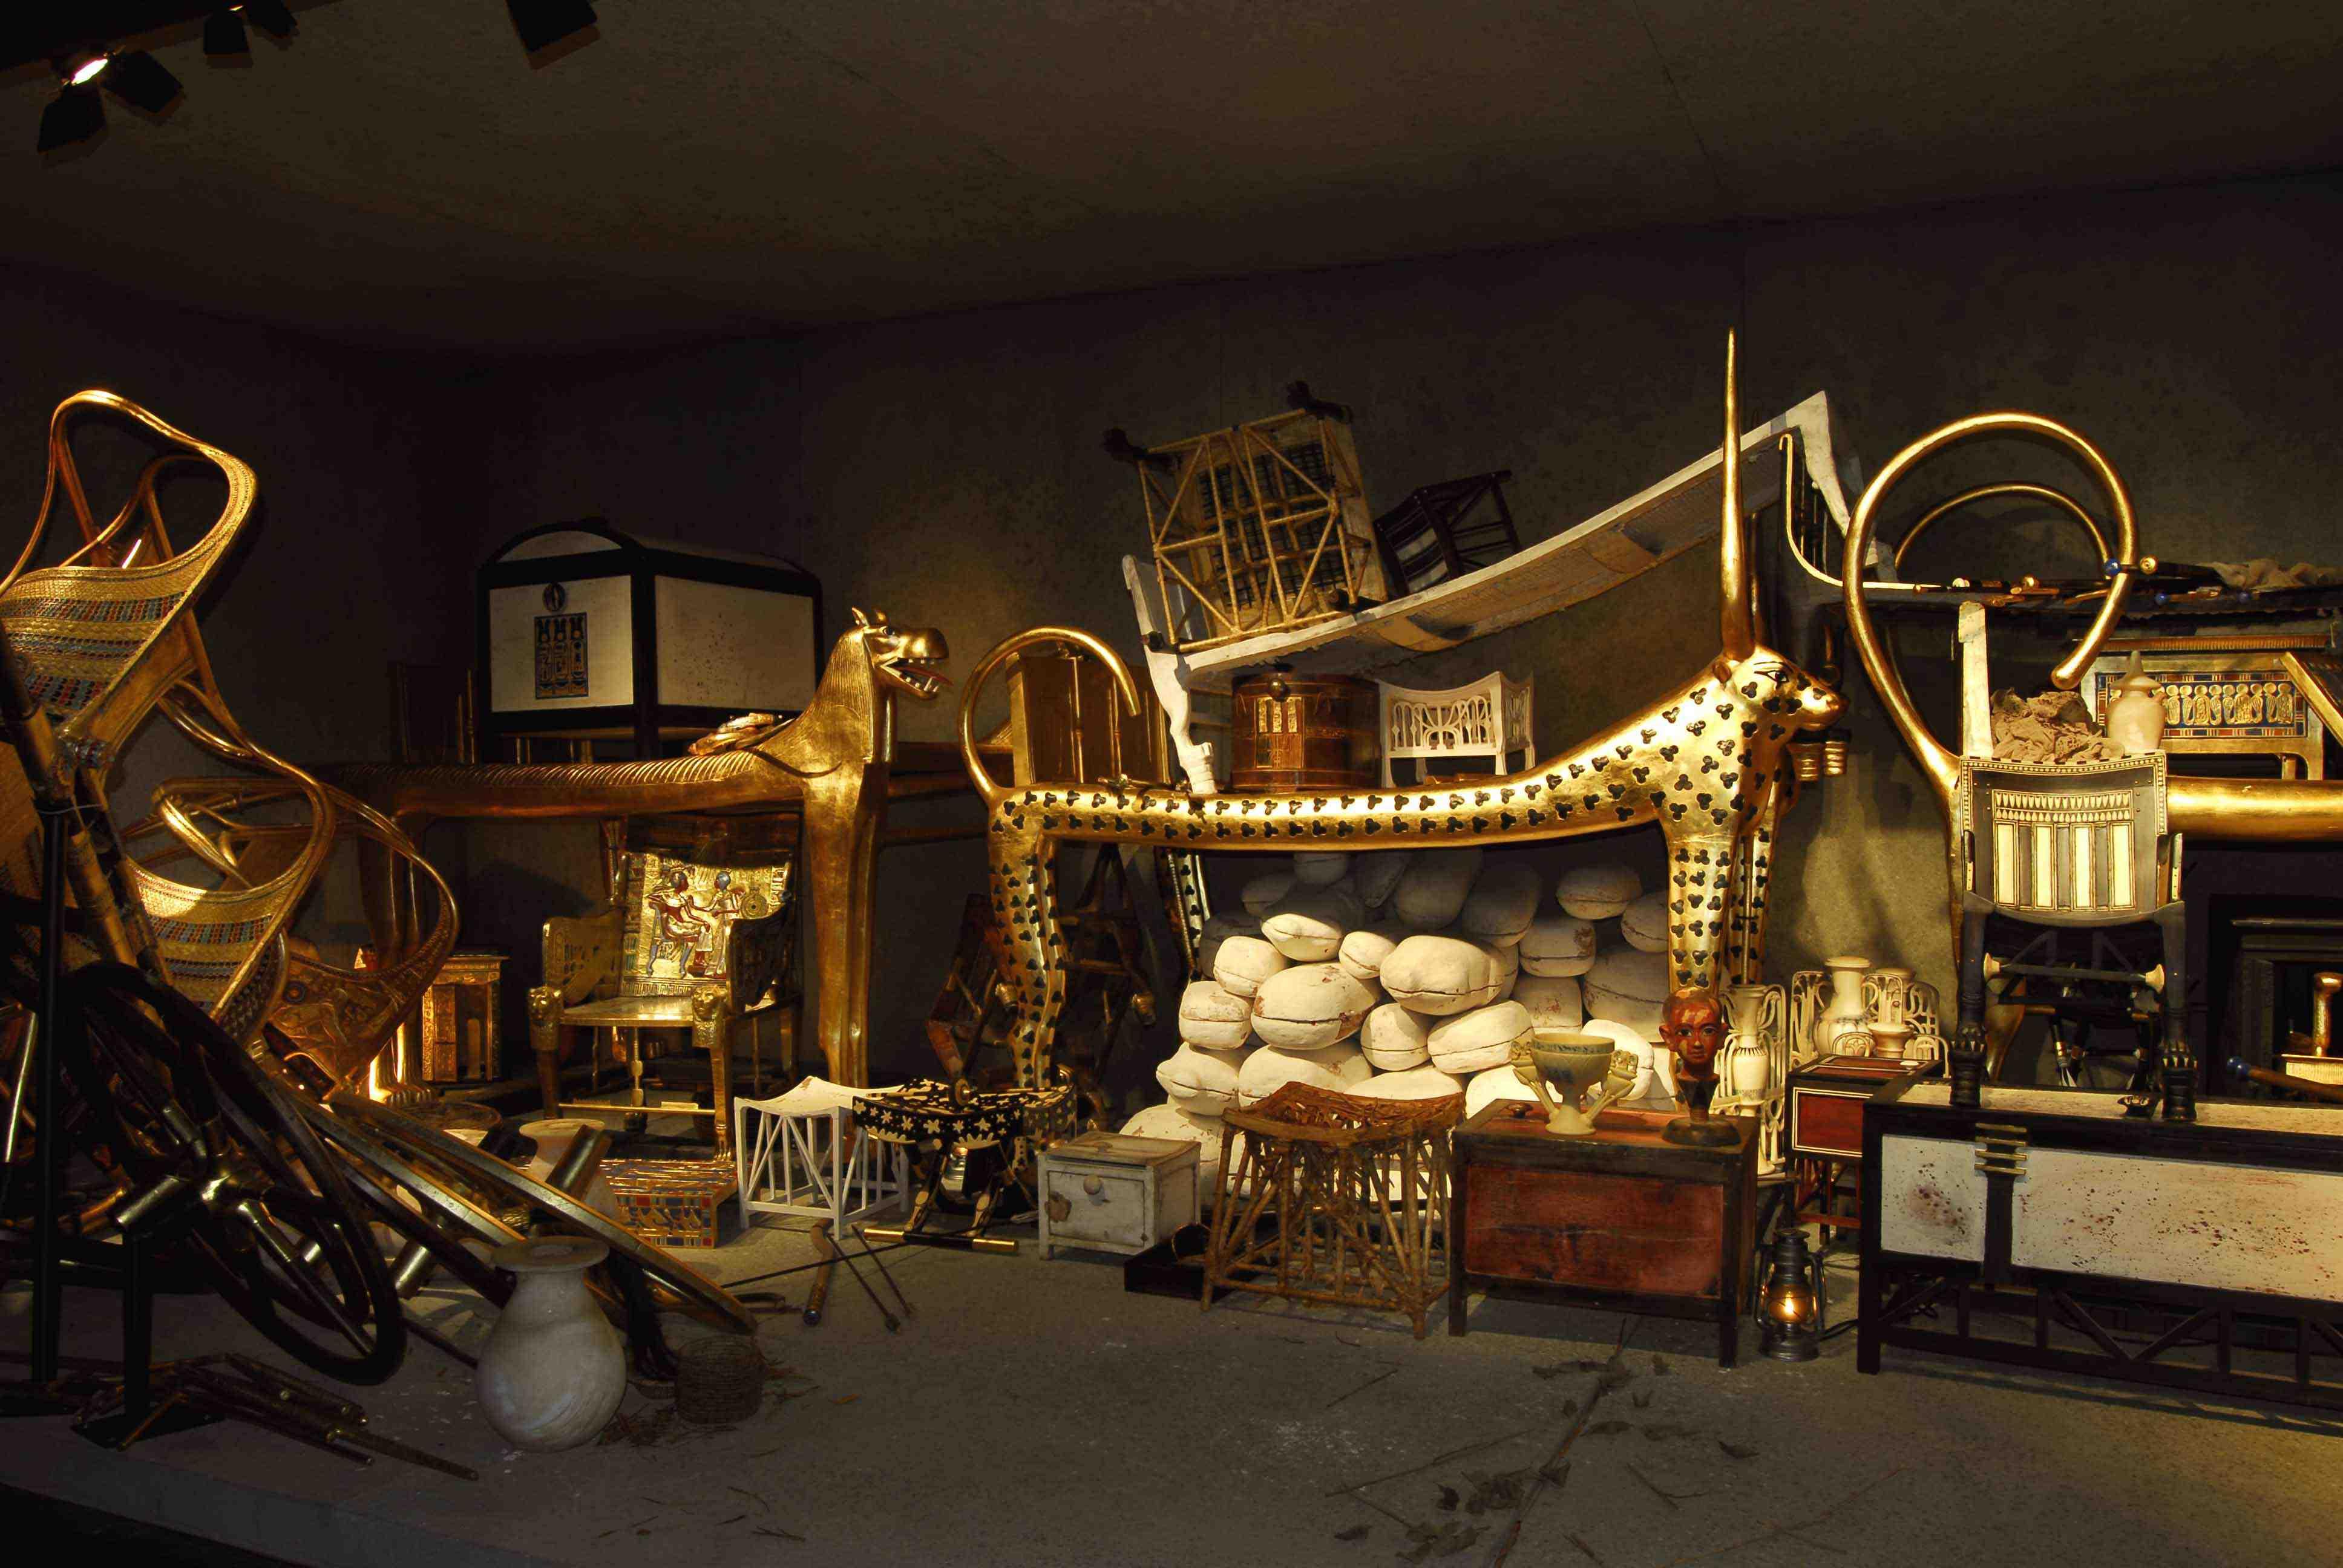 """En titt i gravens förrum. Från utställningen """"Tutankhamun, graven och skatterna"""". Foto: Semmel Concerts GmbH"""